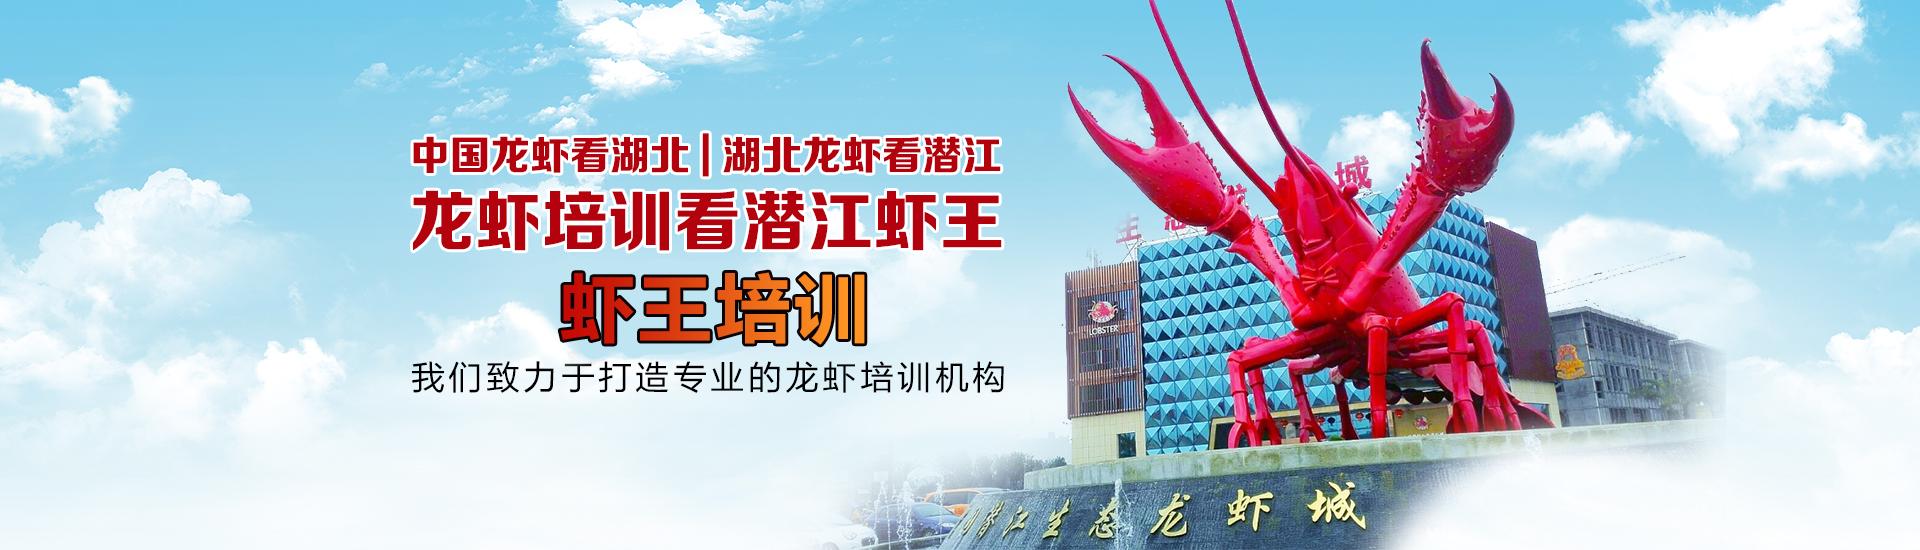 潜江小龙虾培训